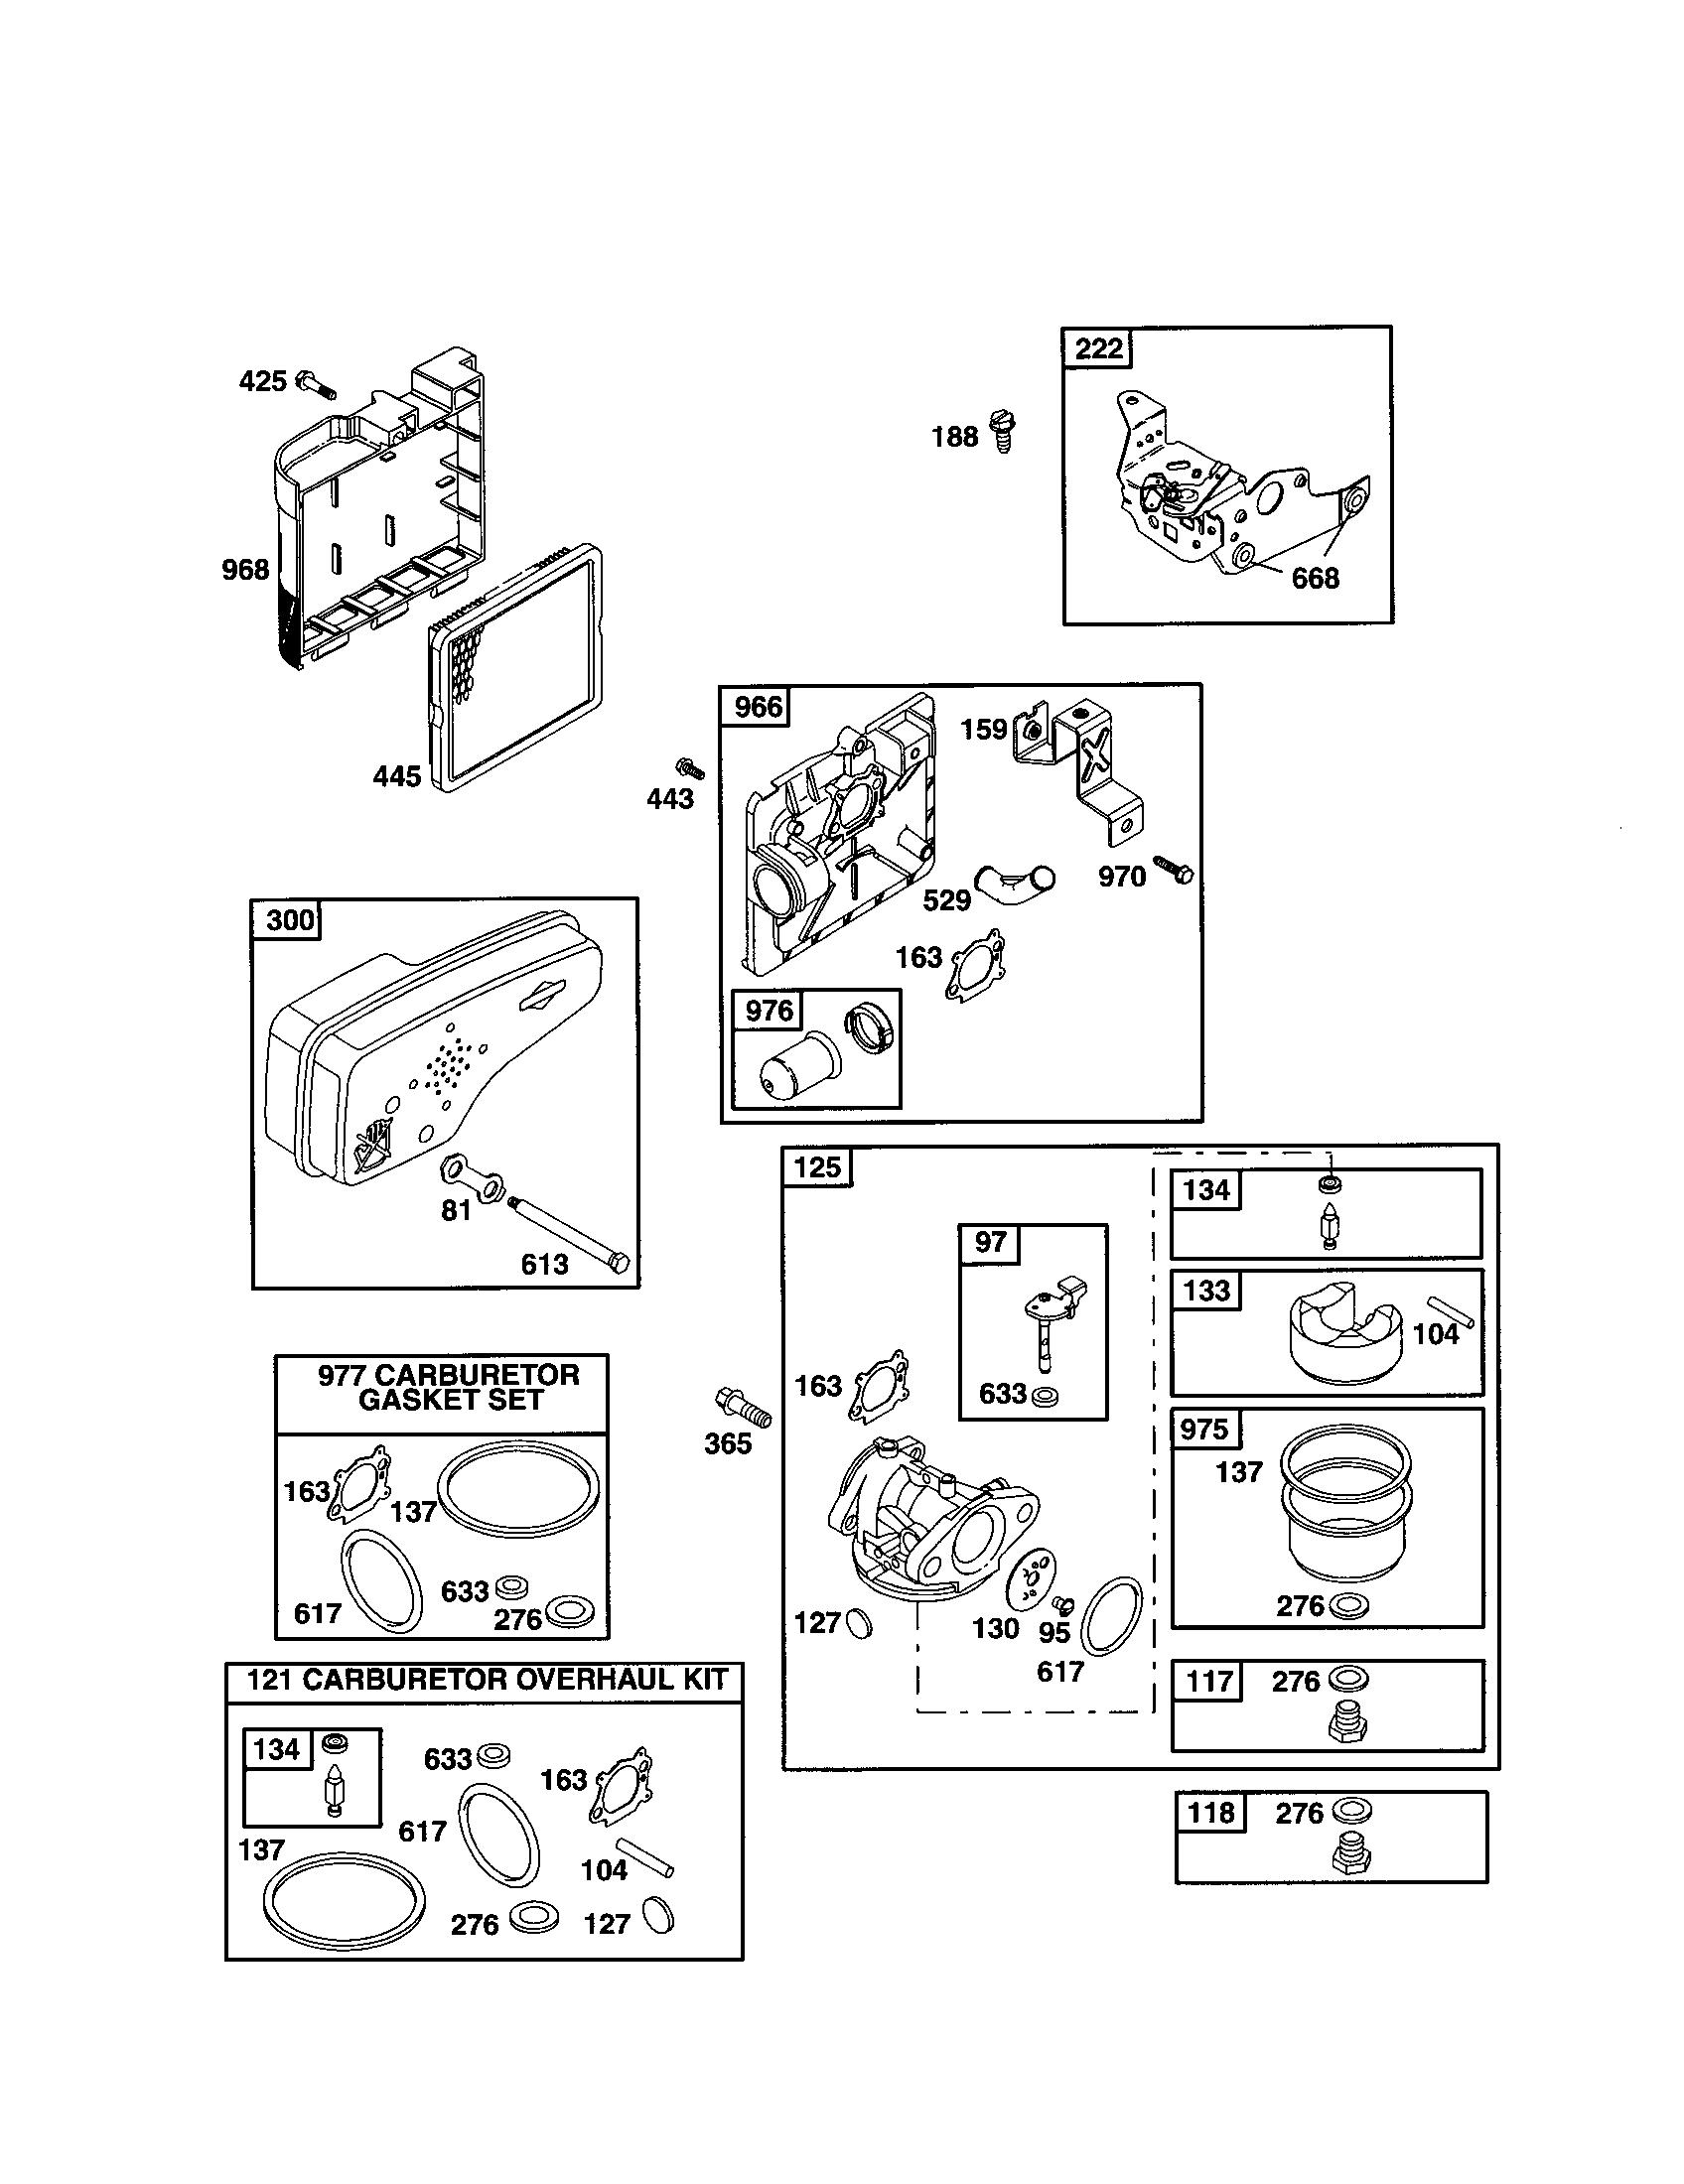 Citroen Xsara Picasso Manual Do Propriet Rio Pdf Manual Do